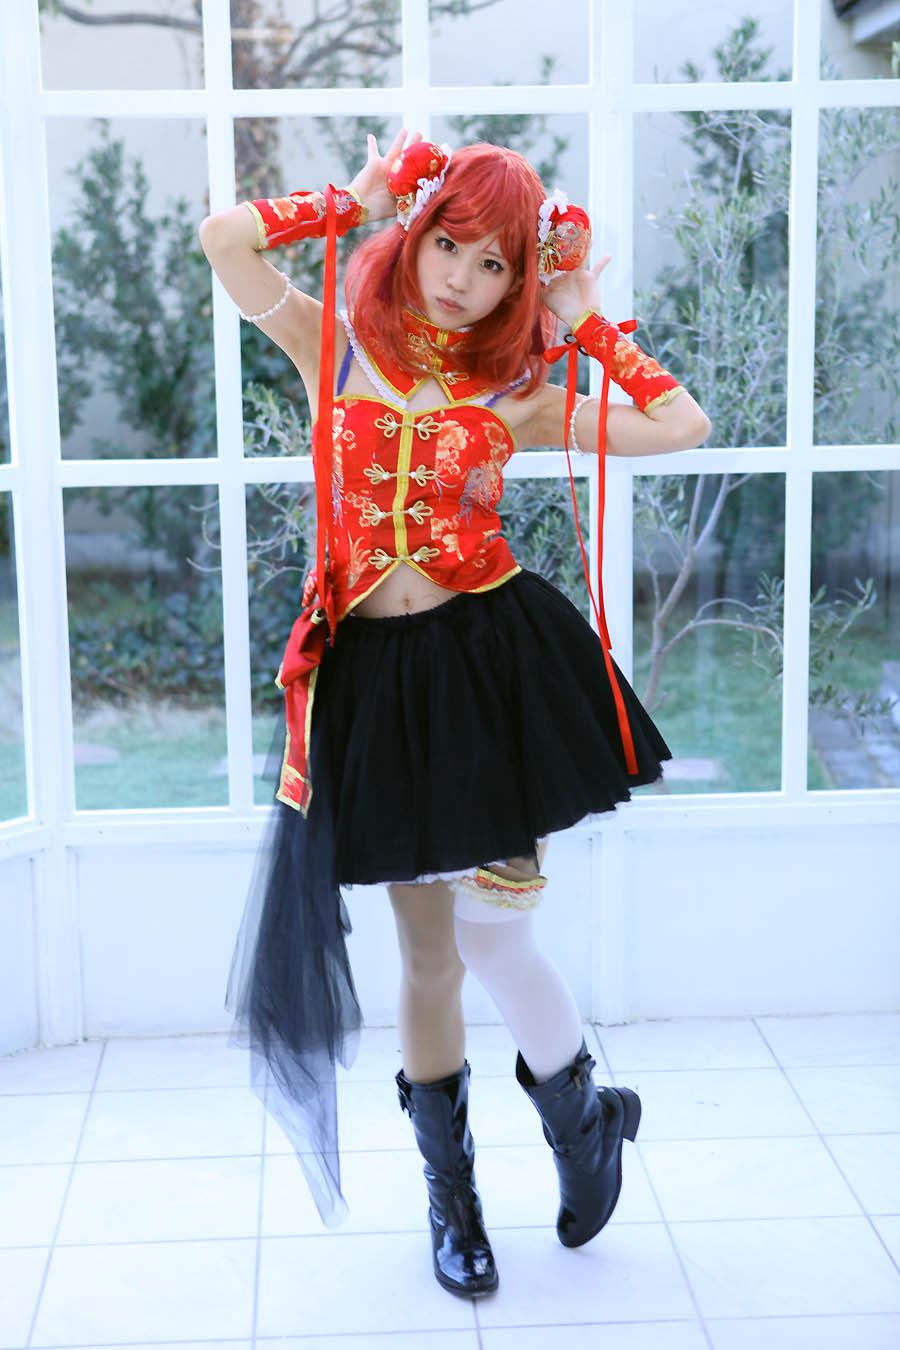 【トノコさん】ラブライブ 西木野真姫SR覚醒 チャイナドレス